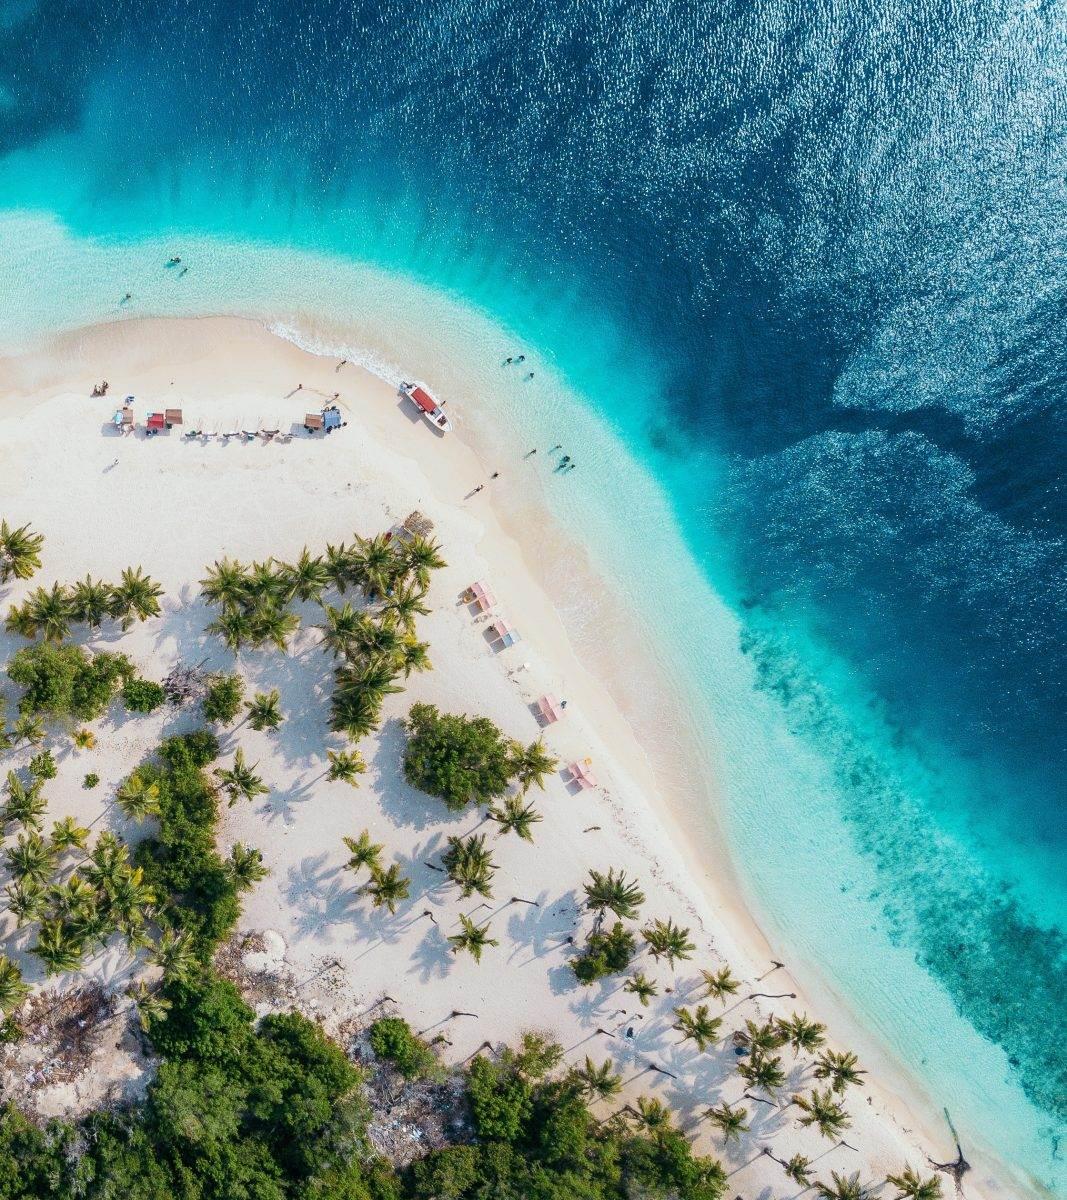 Viaje organizado a Madagascar, la gran isla del Índico